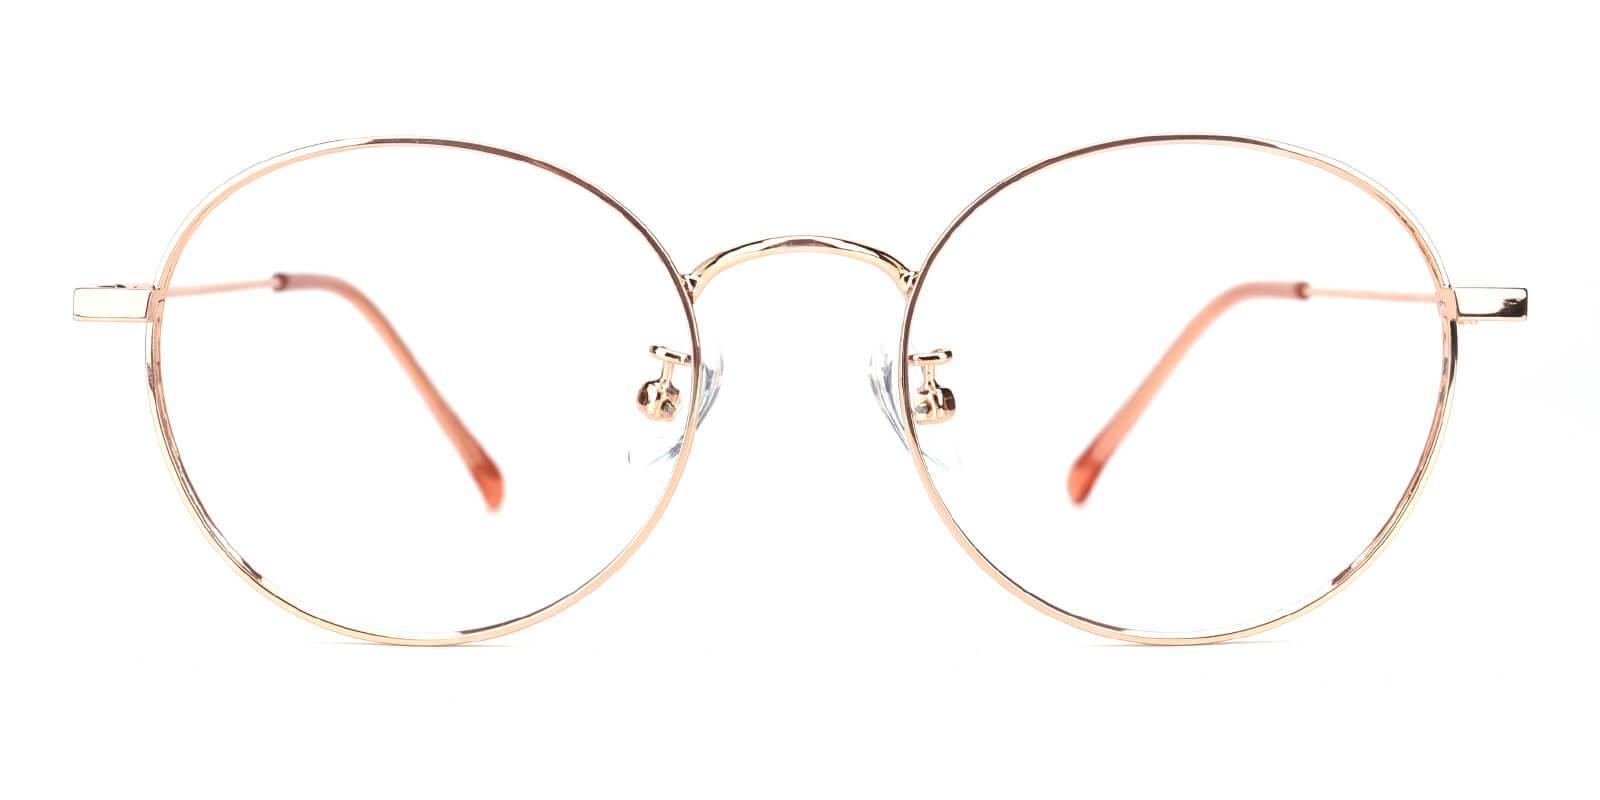 Hibbardr-Pink-Round-Metal-Eyeglasses-detail